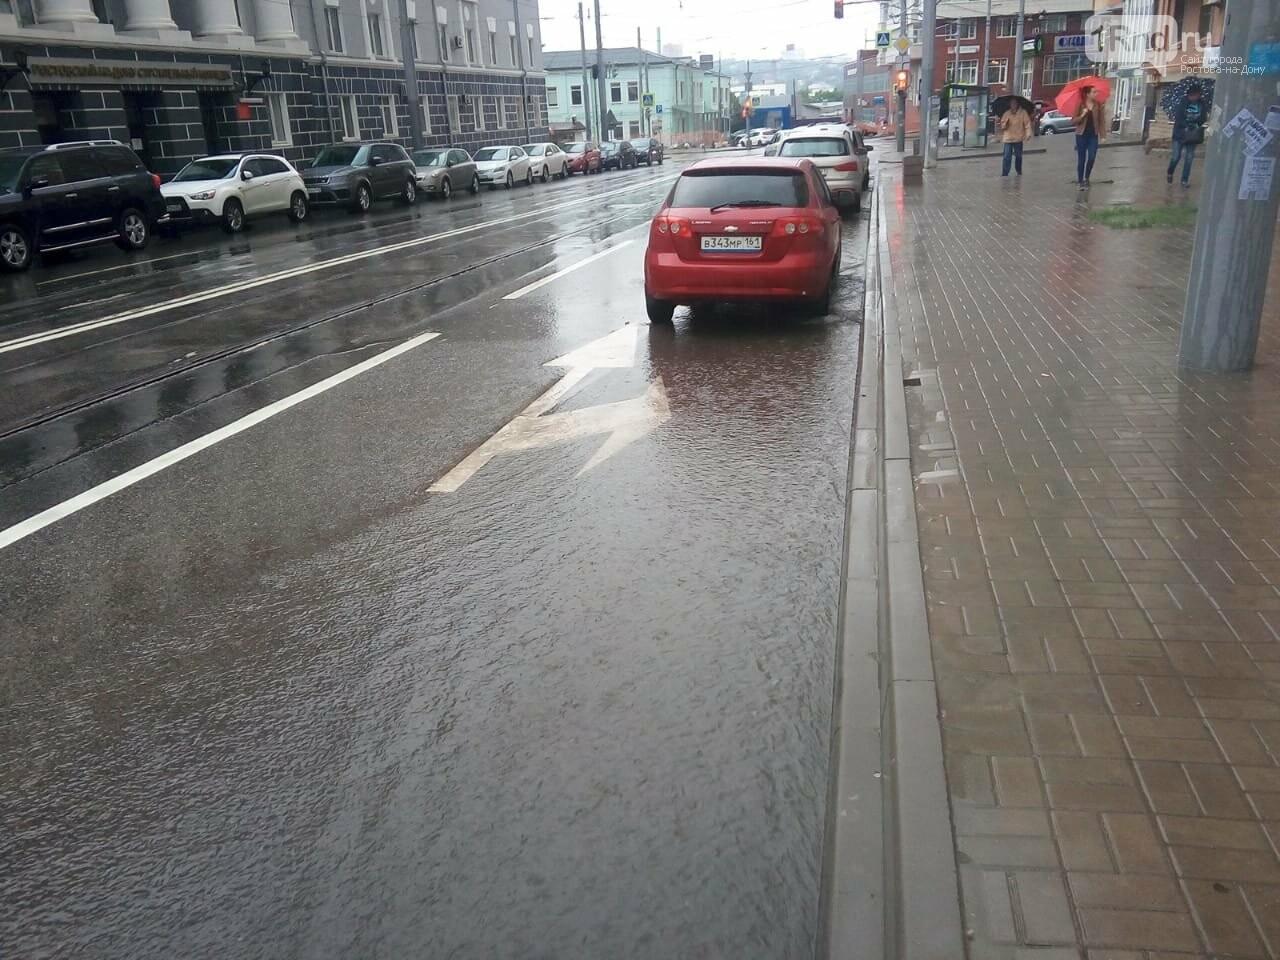 Дождь в Ростове-на-Дону вызвал серию ЧП, фото-3